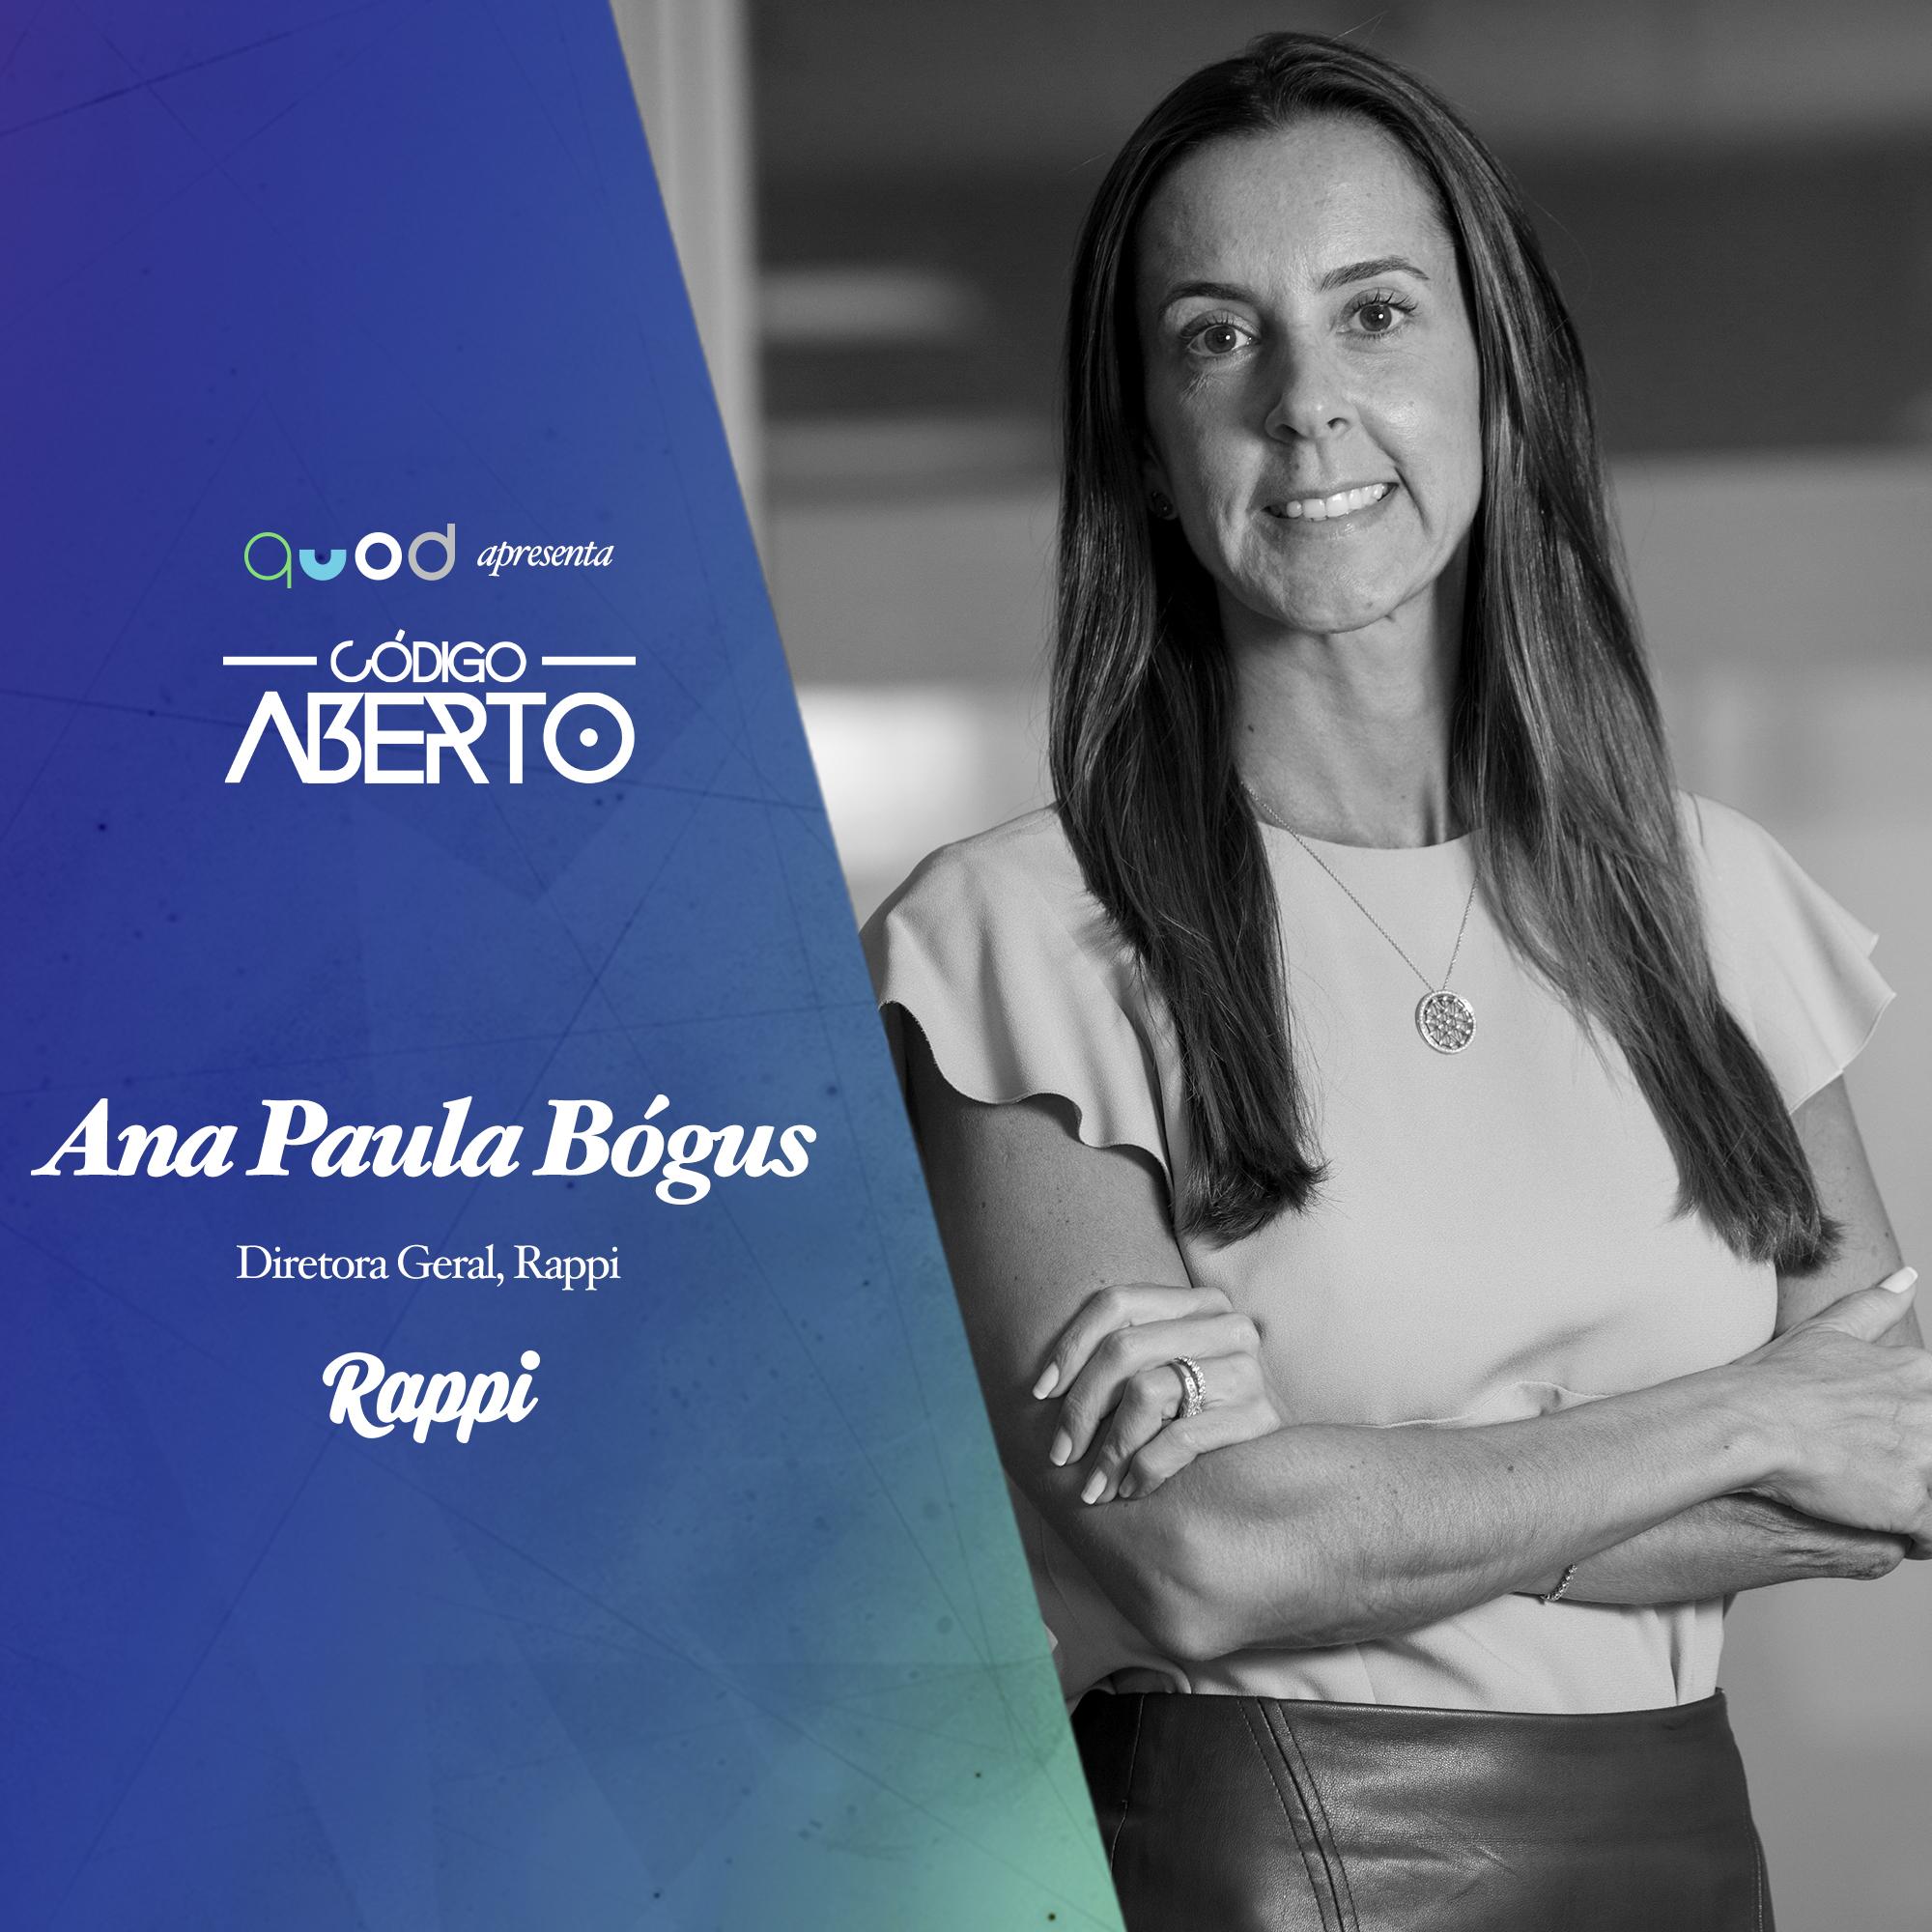 Capa - Ana Paula Bógus, Diretora Geral, Rappi